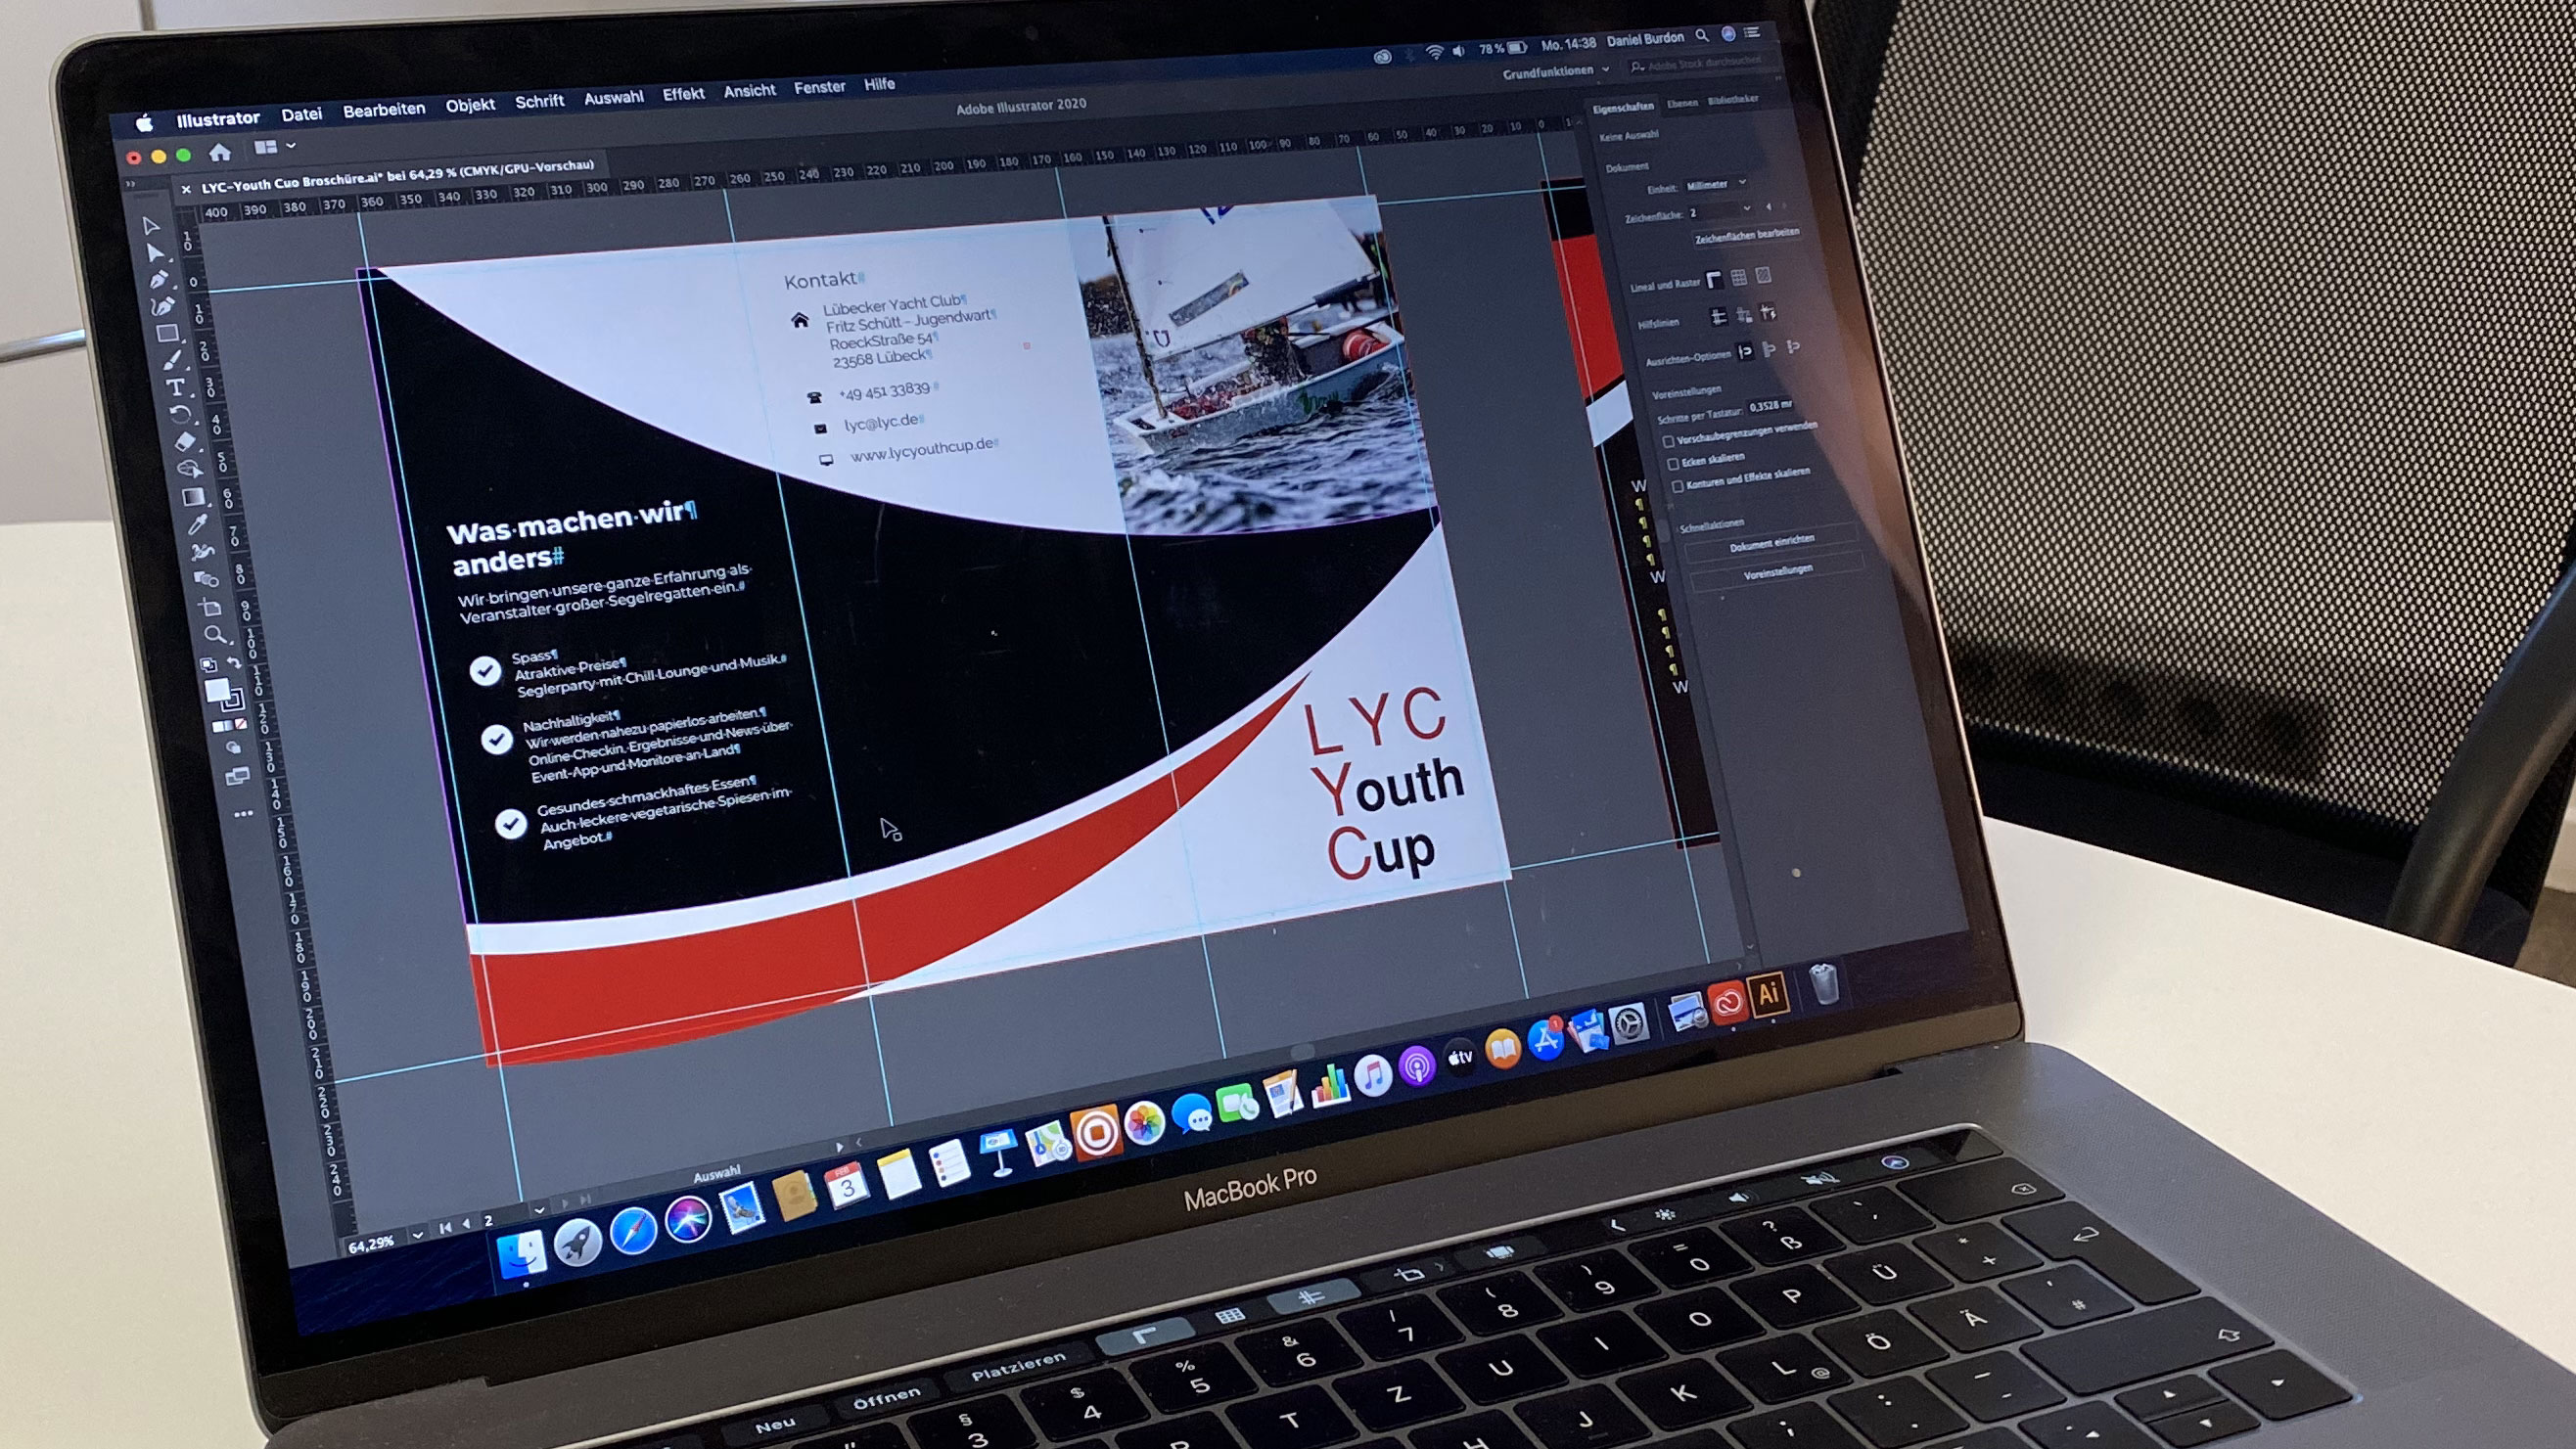 Die LYC Youth-Cup Flyer werden erstellt